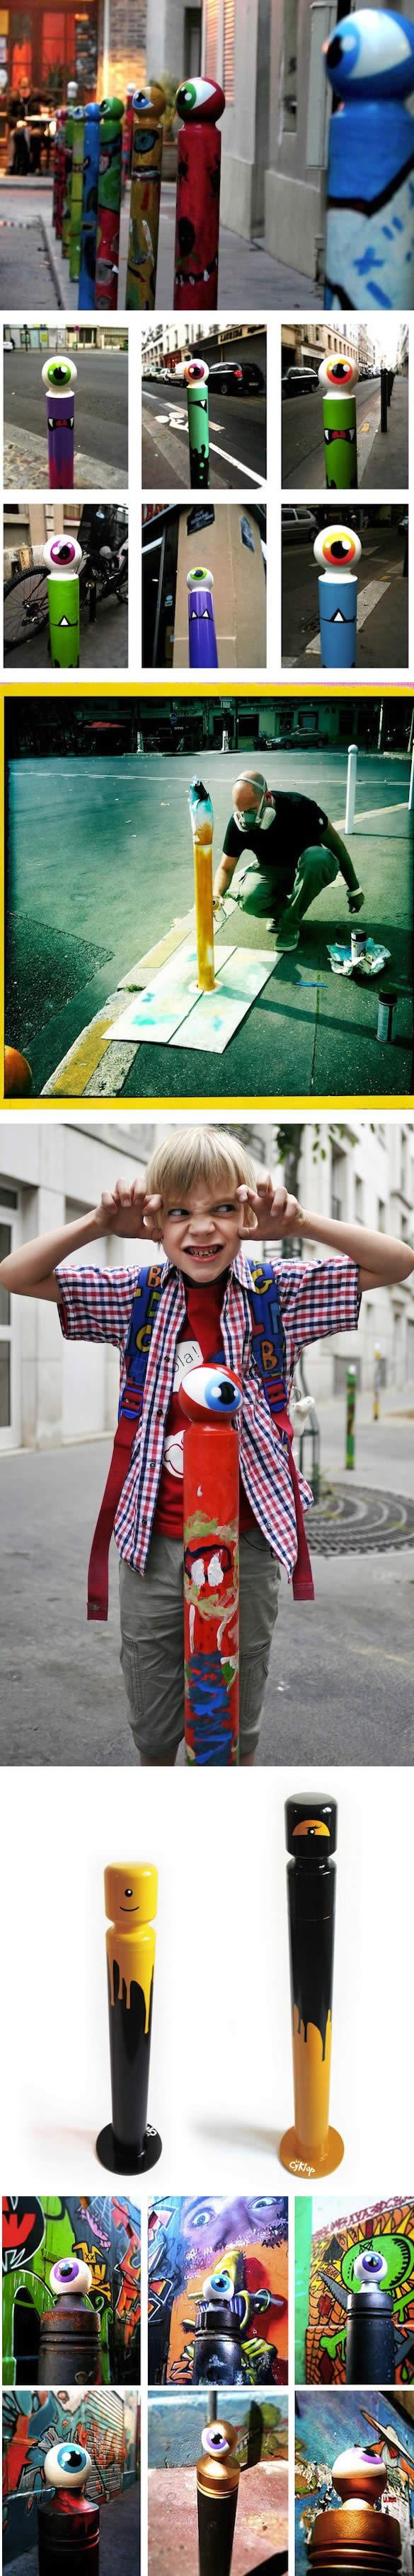 90 street art fun et créatifs – vol10 47 100 street art fun et créatifs – vol10